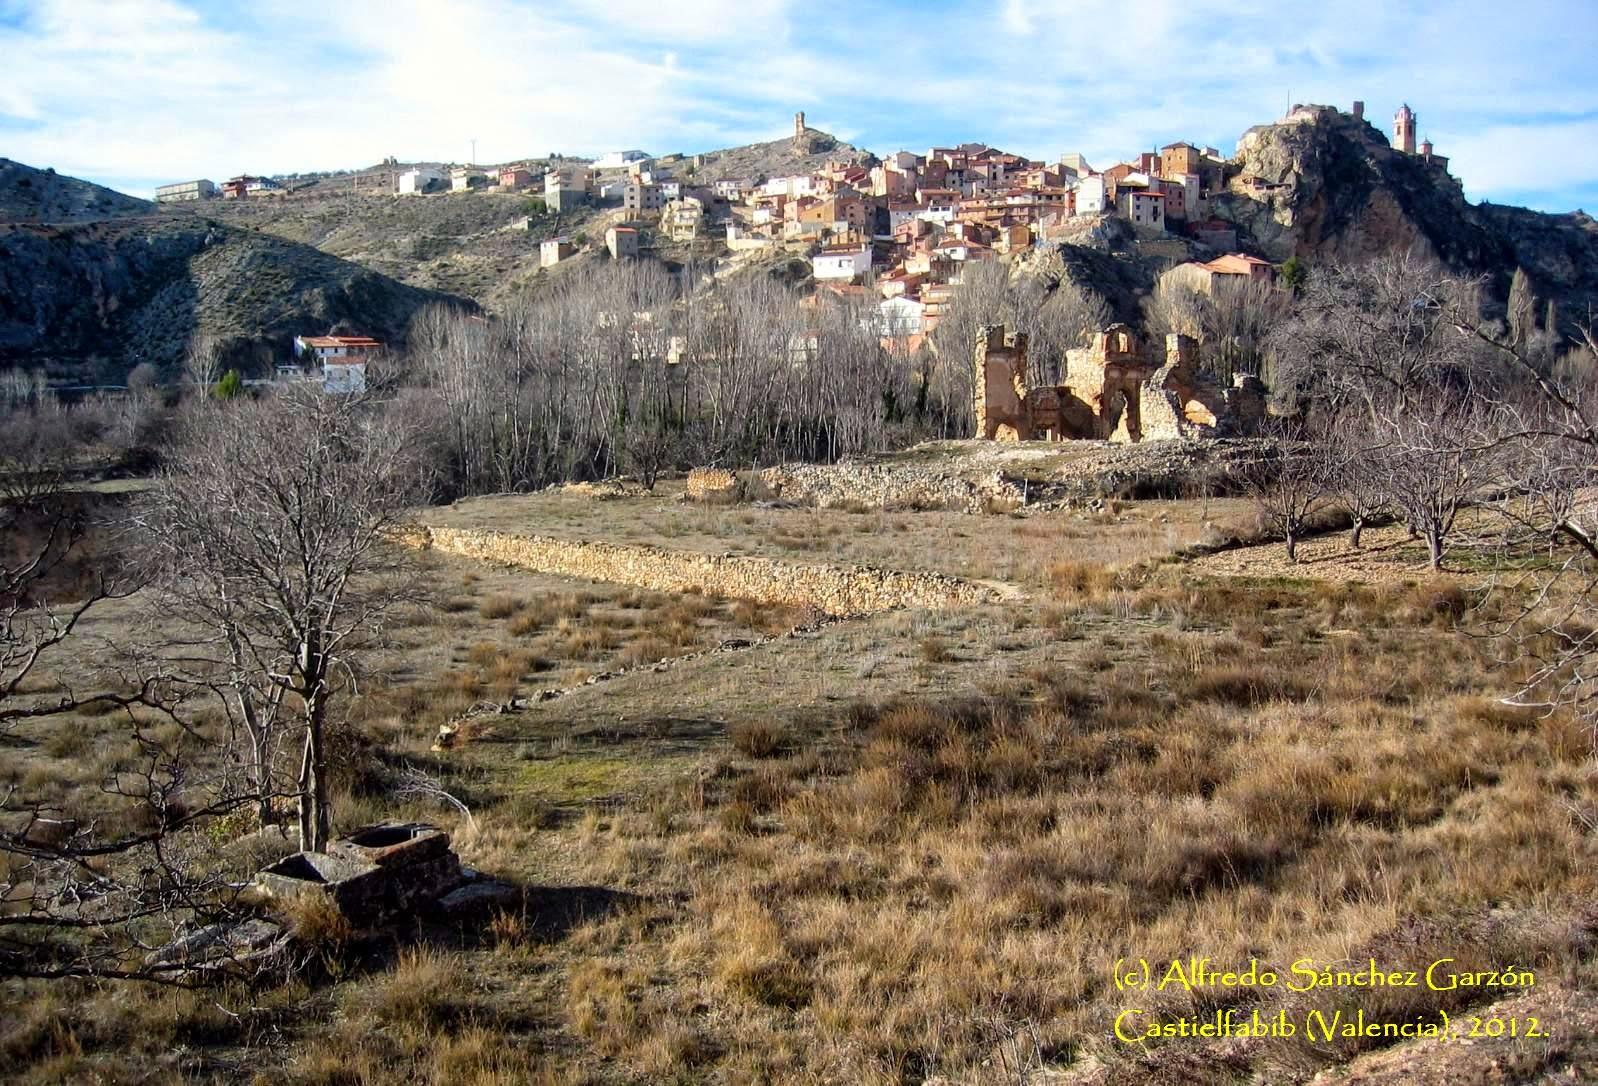 castielfabib-valencia-ruinas-convento